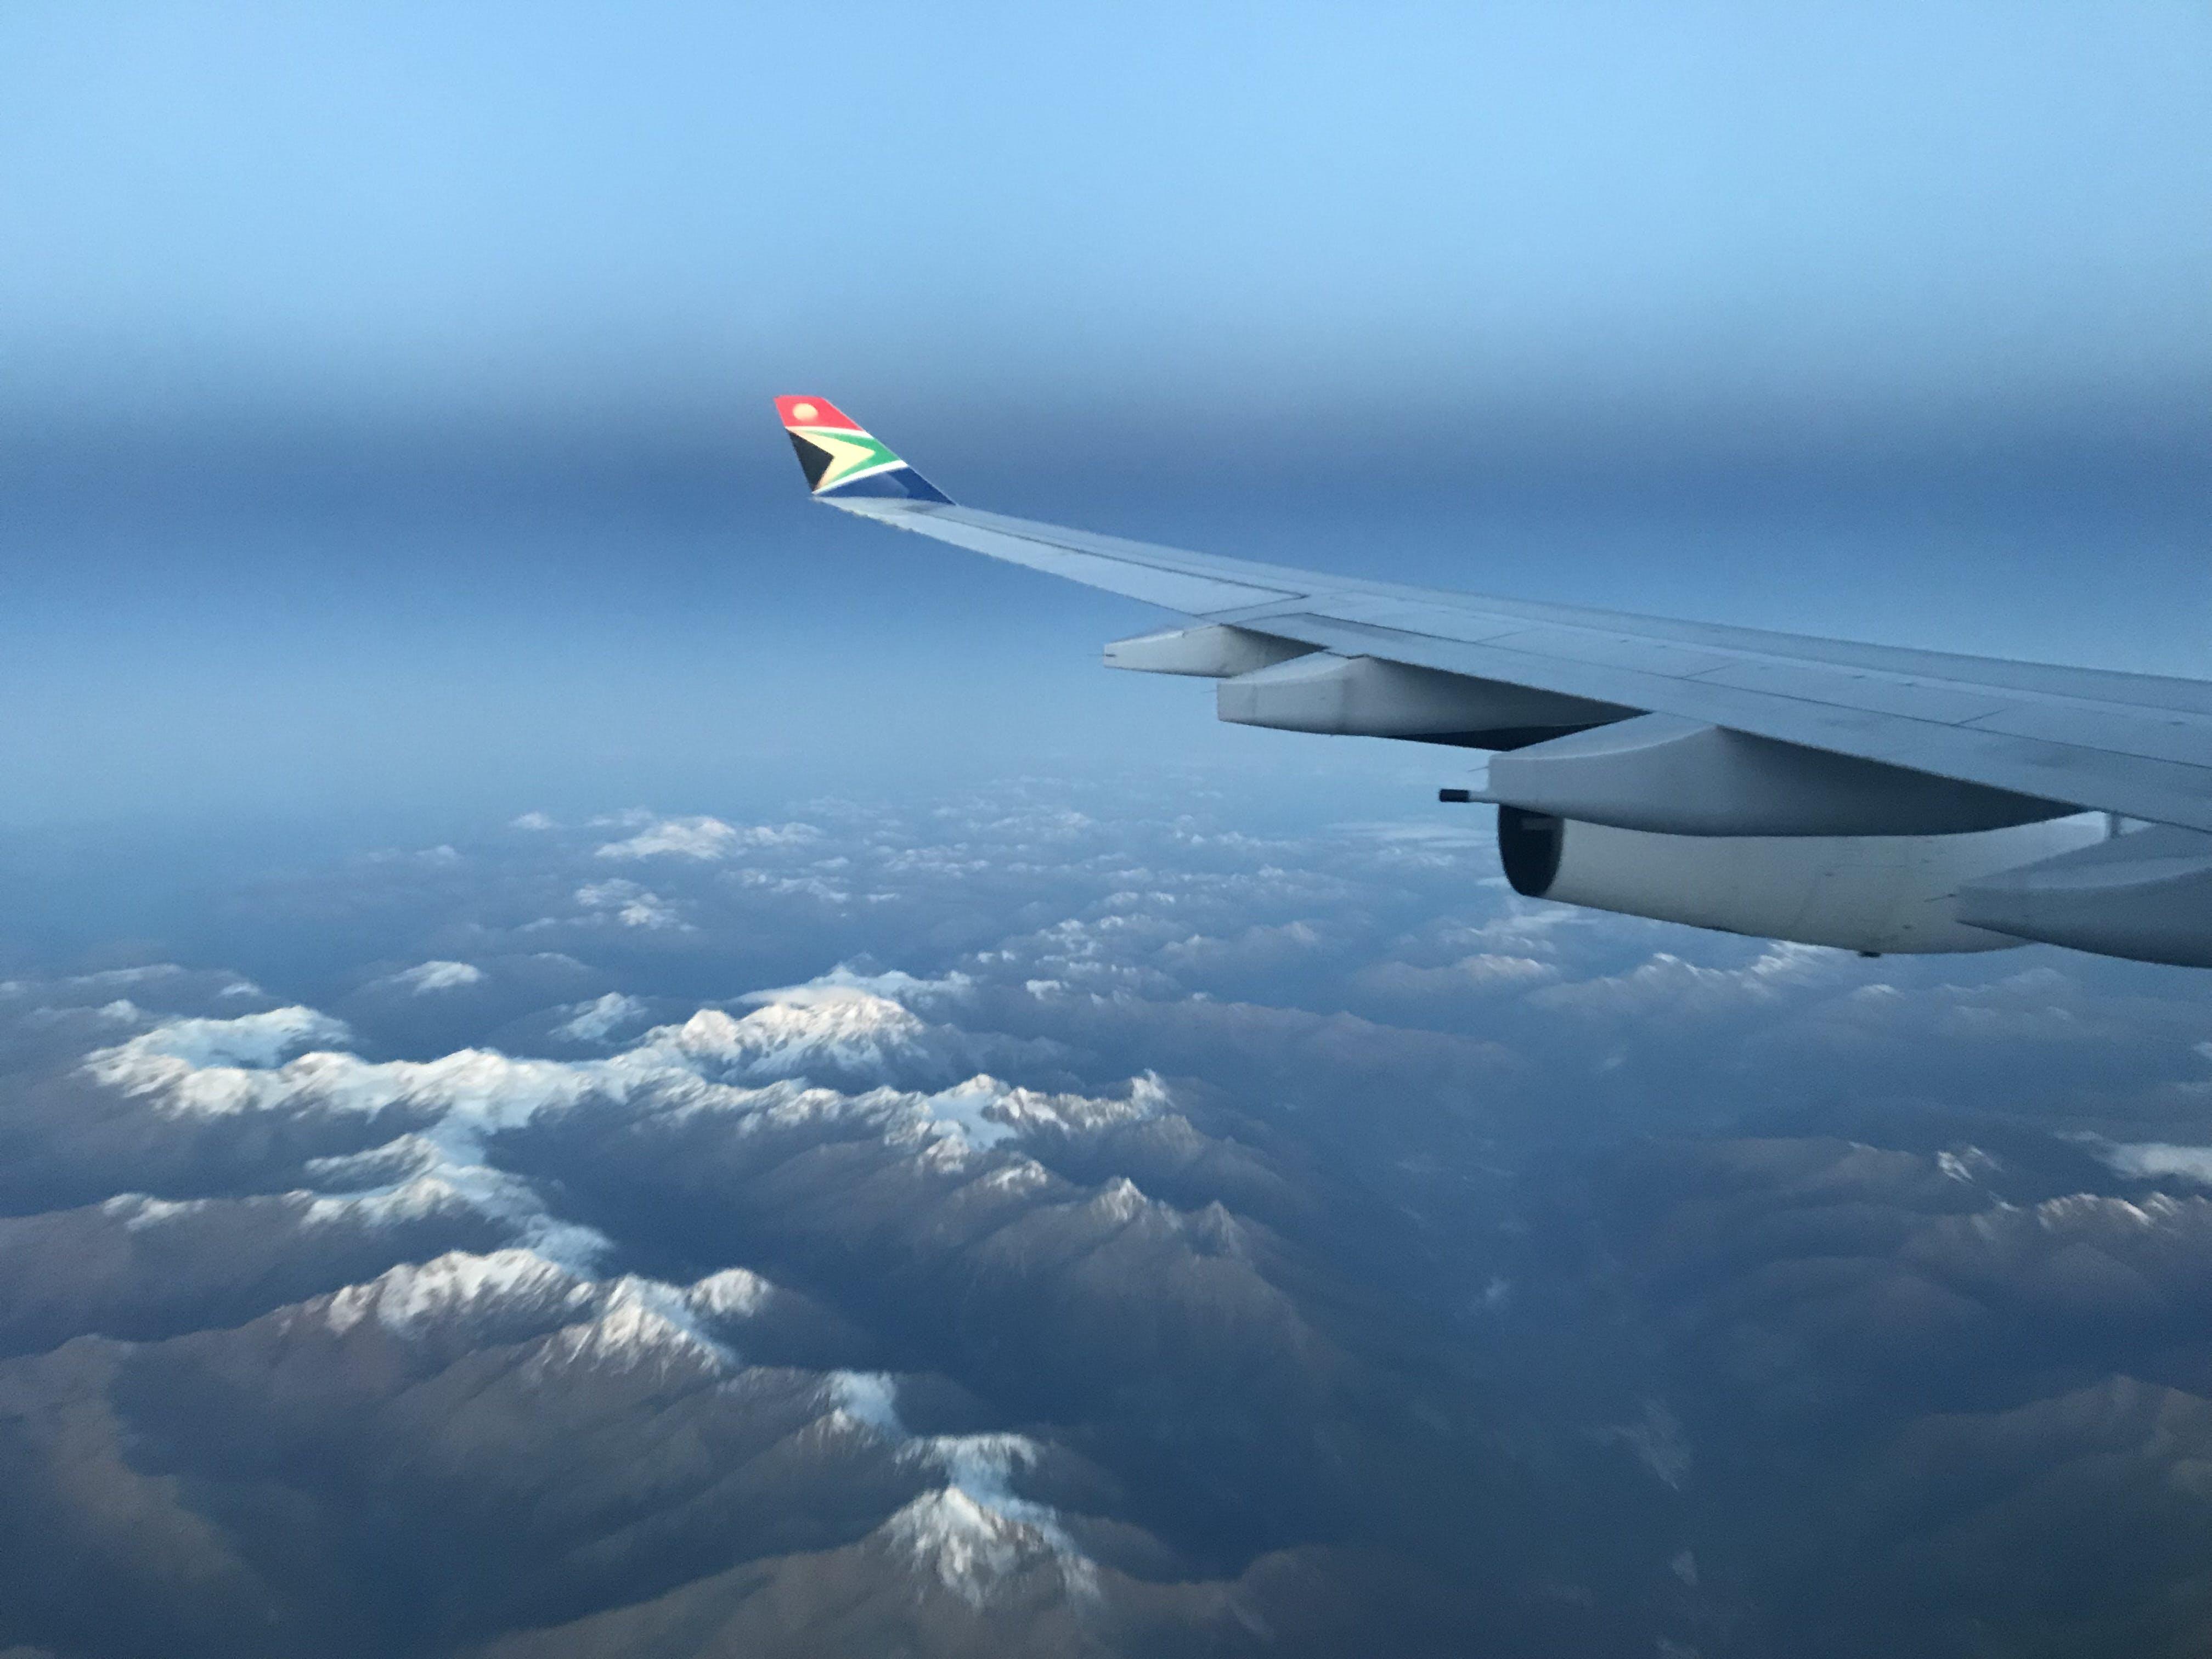 Free stock photo of snow, mountains, sky, airplane